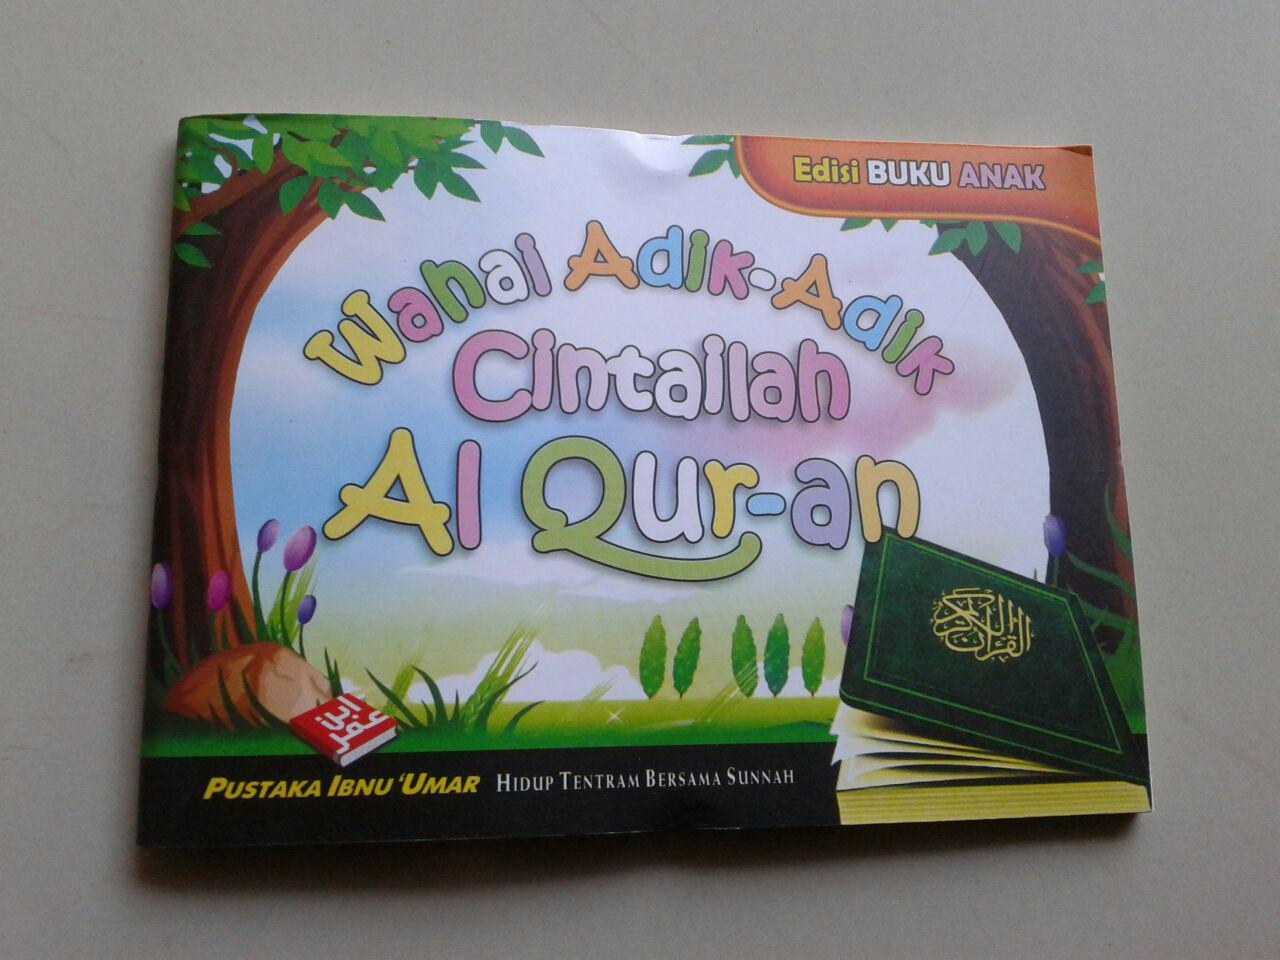 Buku Saku Wahai Adik Adik Cintailah Al Qur'an cover